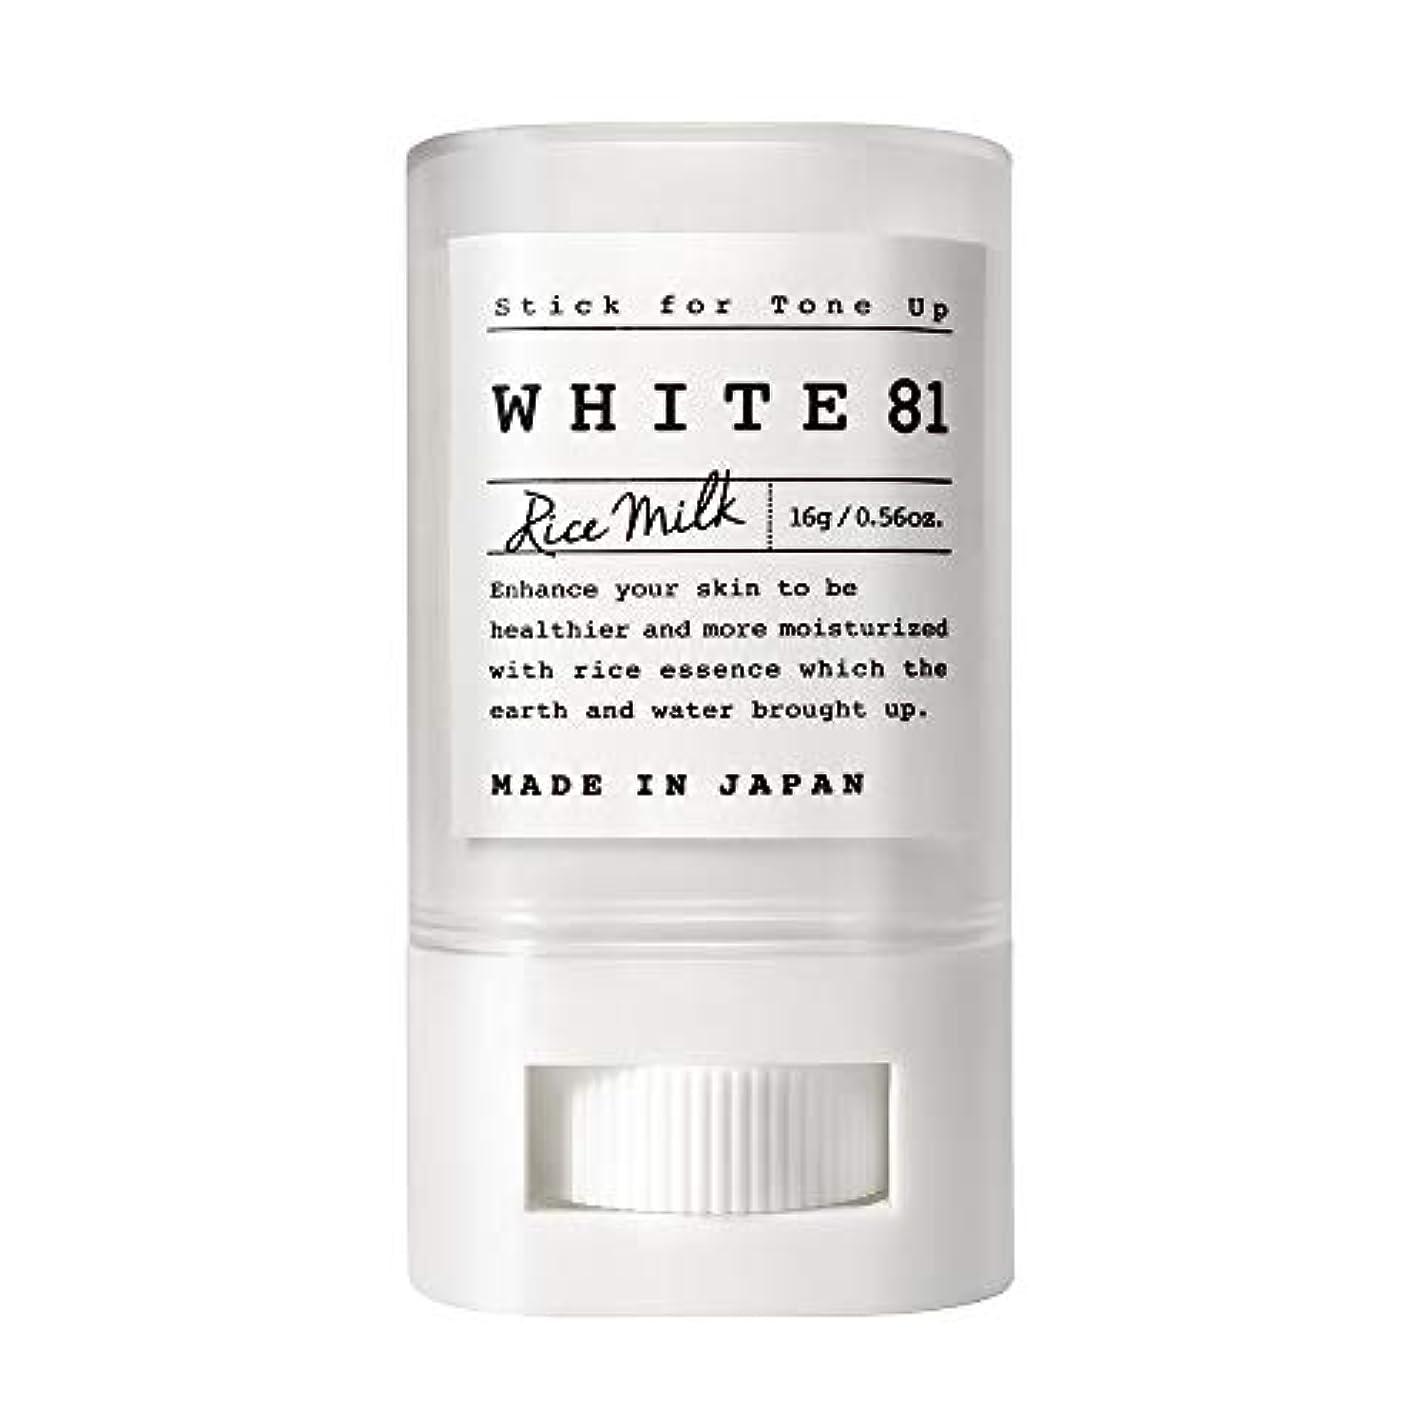 ヘリコプター鯨部WHITE81 ホワイト81 トーンアップスティック(化粧下地?日焼け止め / SPF35?PA+++?ウォータープルーフ?複合保湿成分配合?肌に優しい6種のフリー / 日本製)